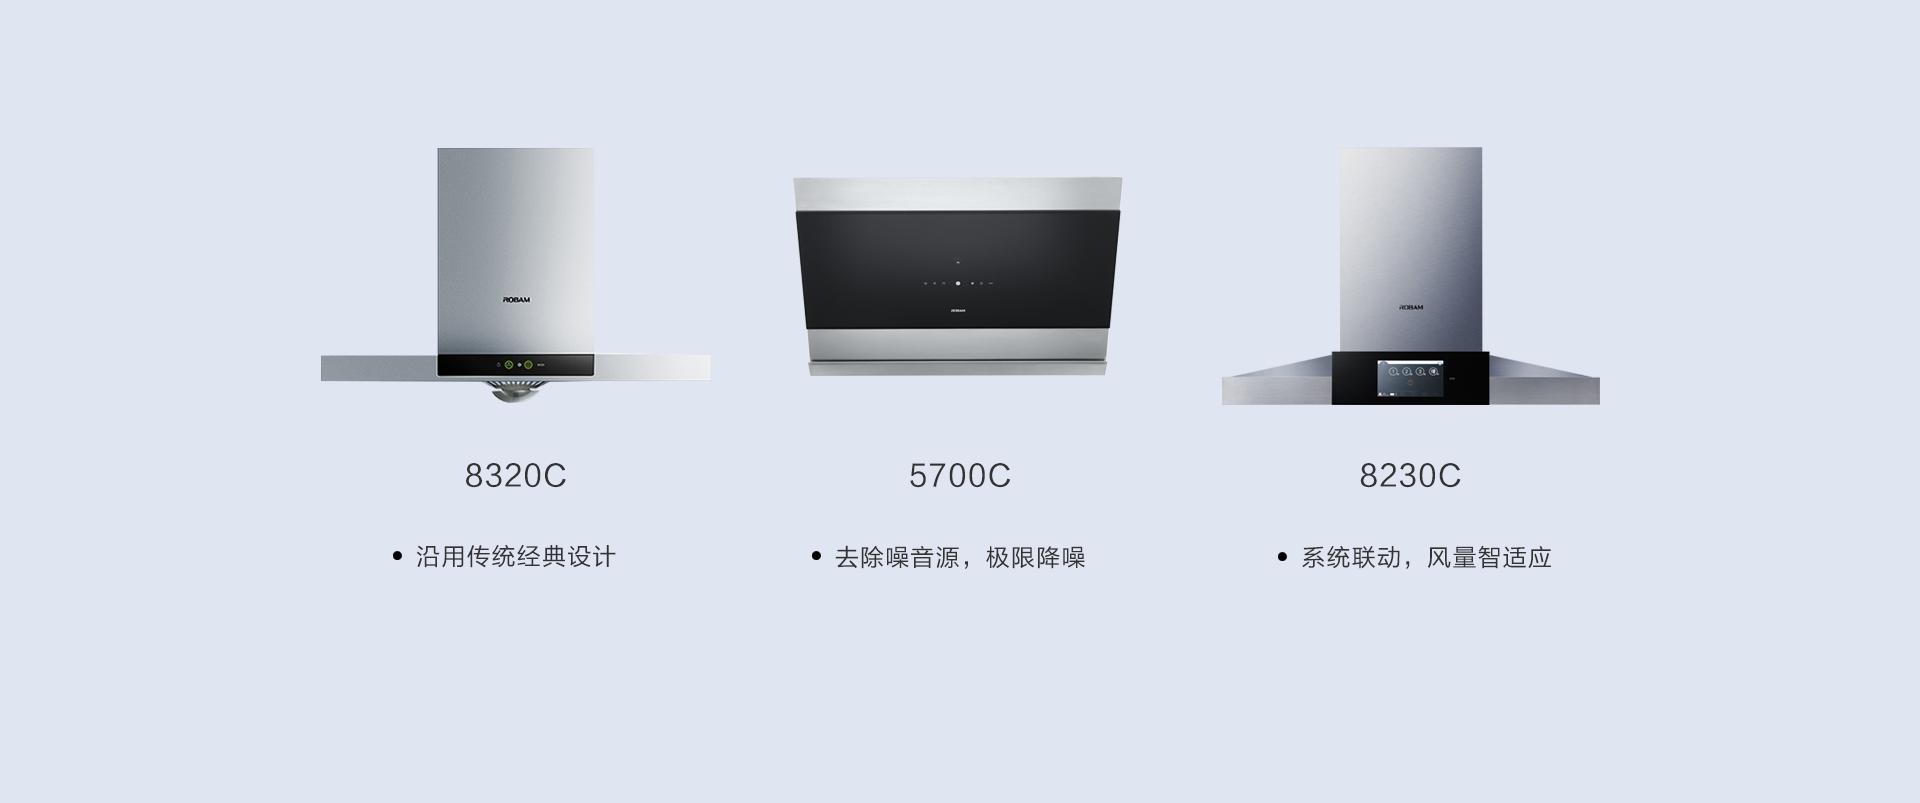 CCS-SLX-60A-详情页-PC端-201225_02.png